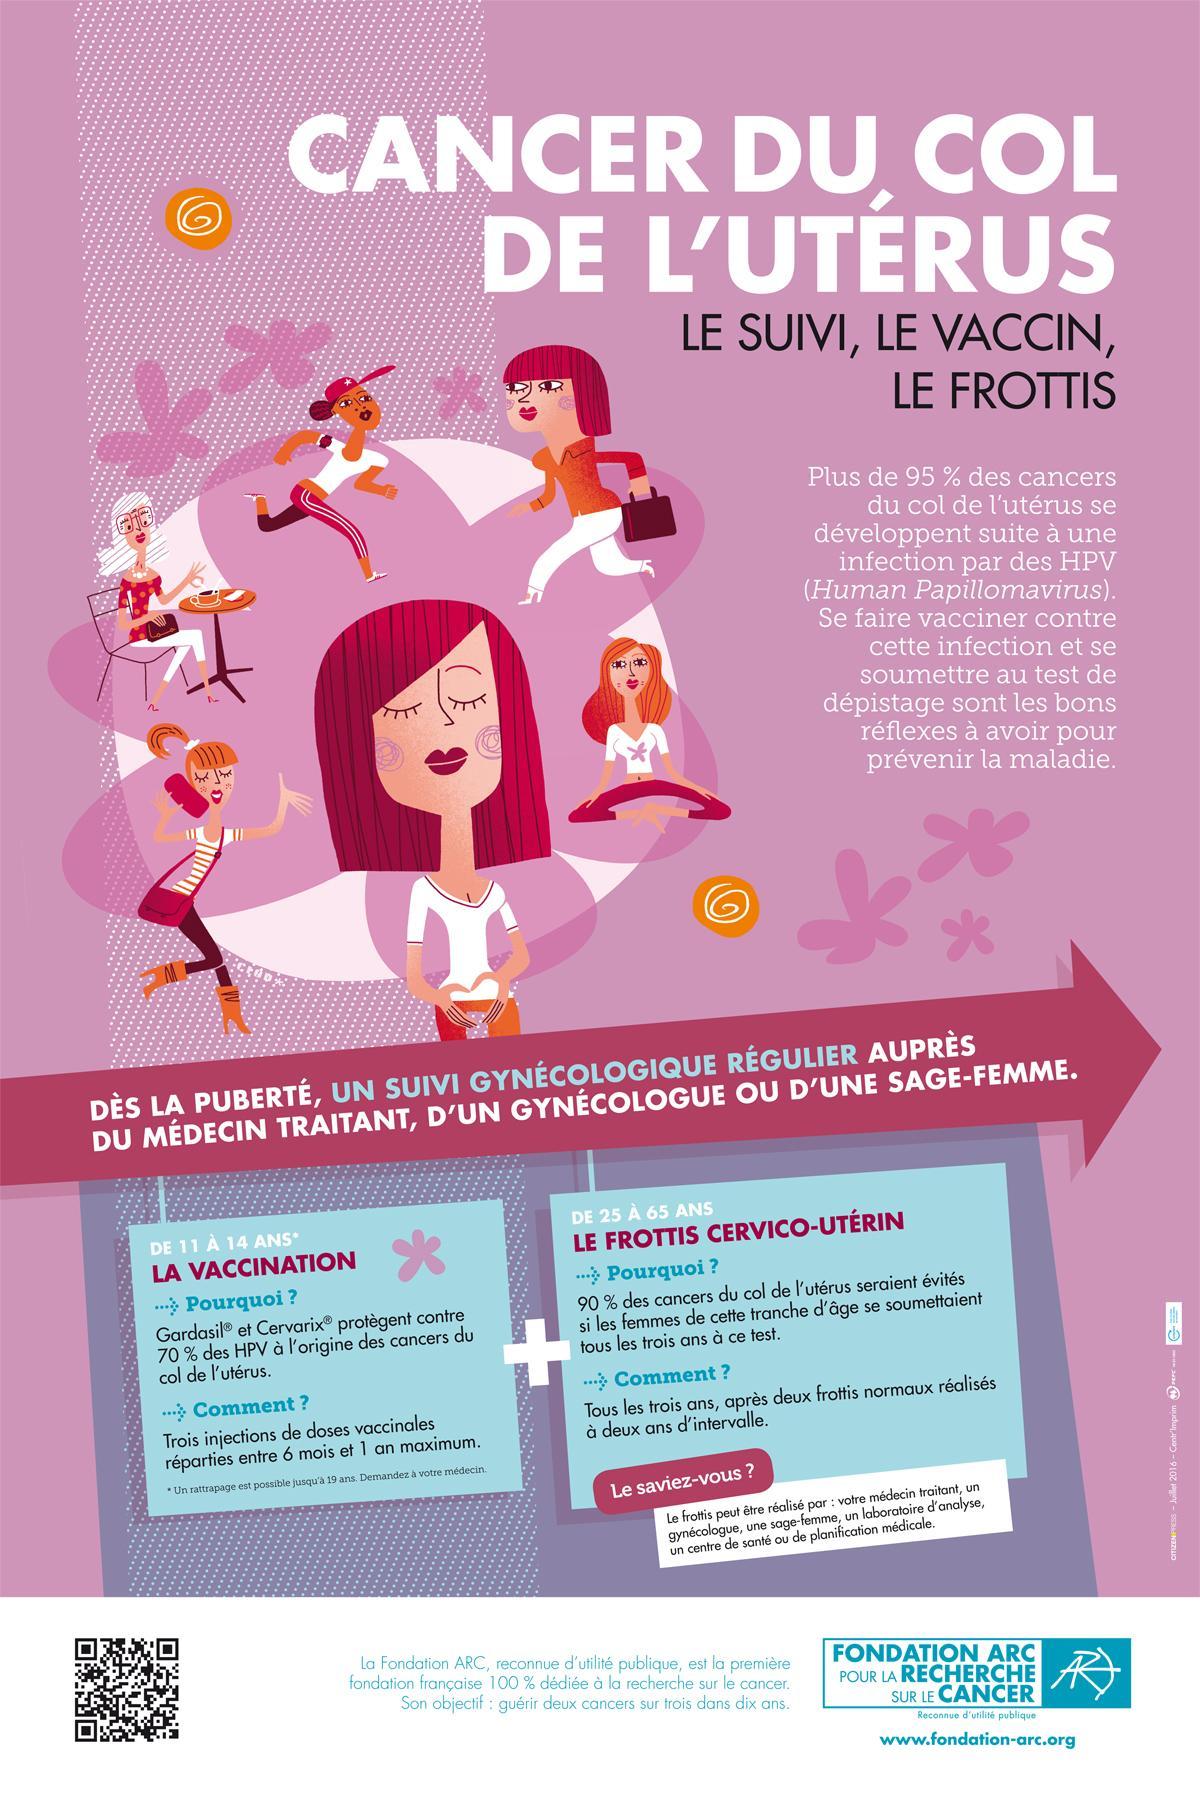 vaccin hpv sage femme pentru paraziti intestinali copii